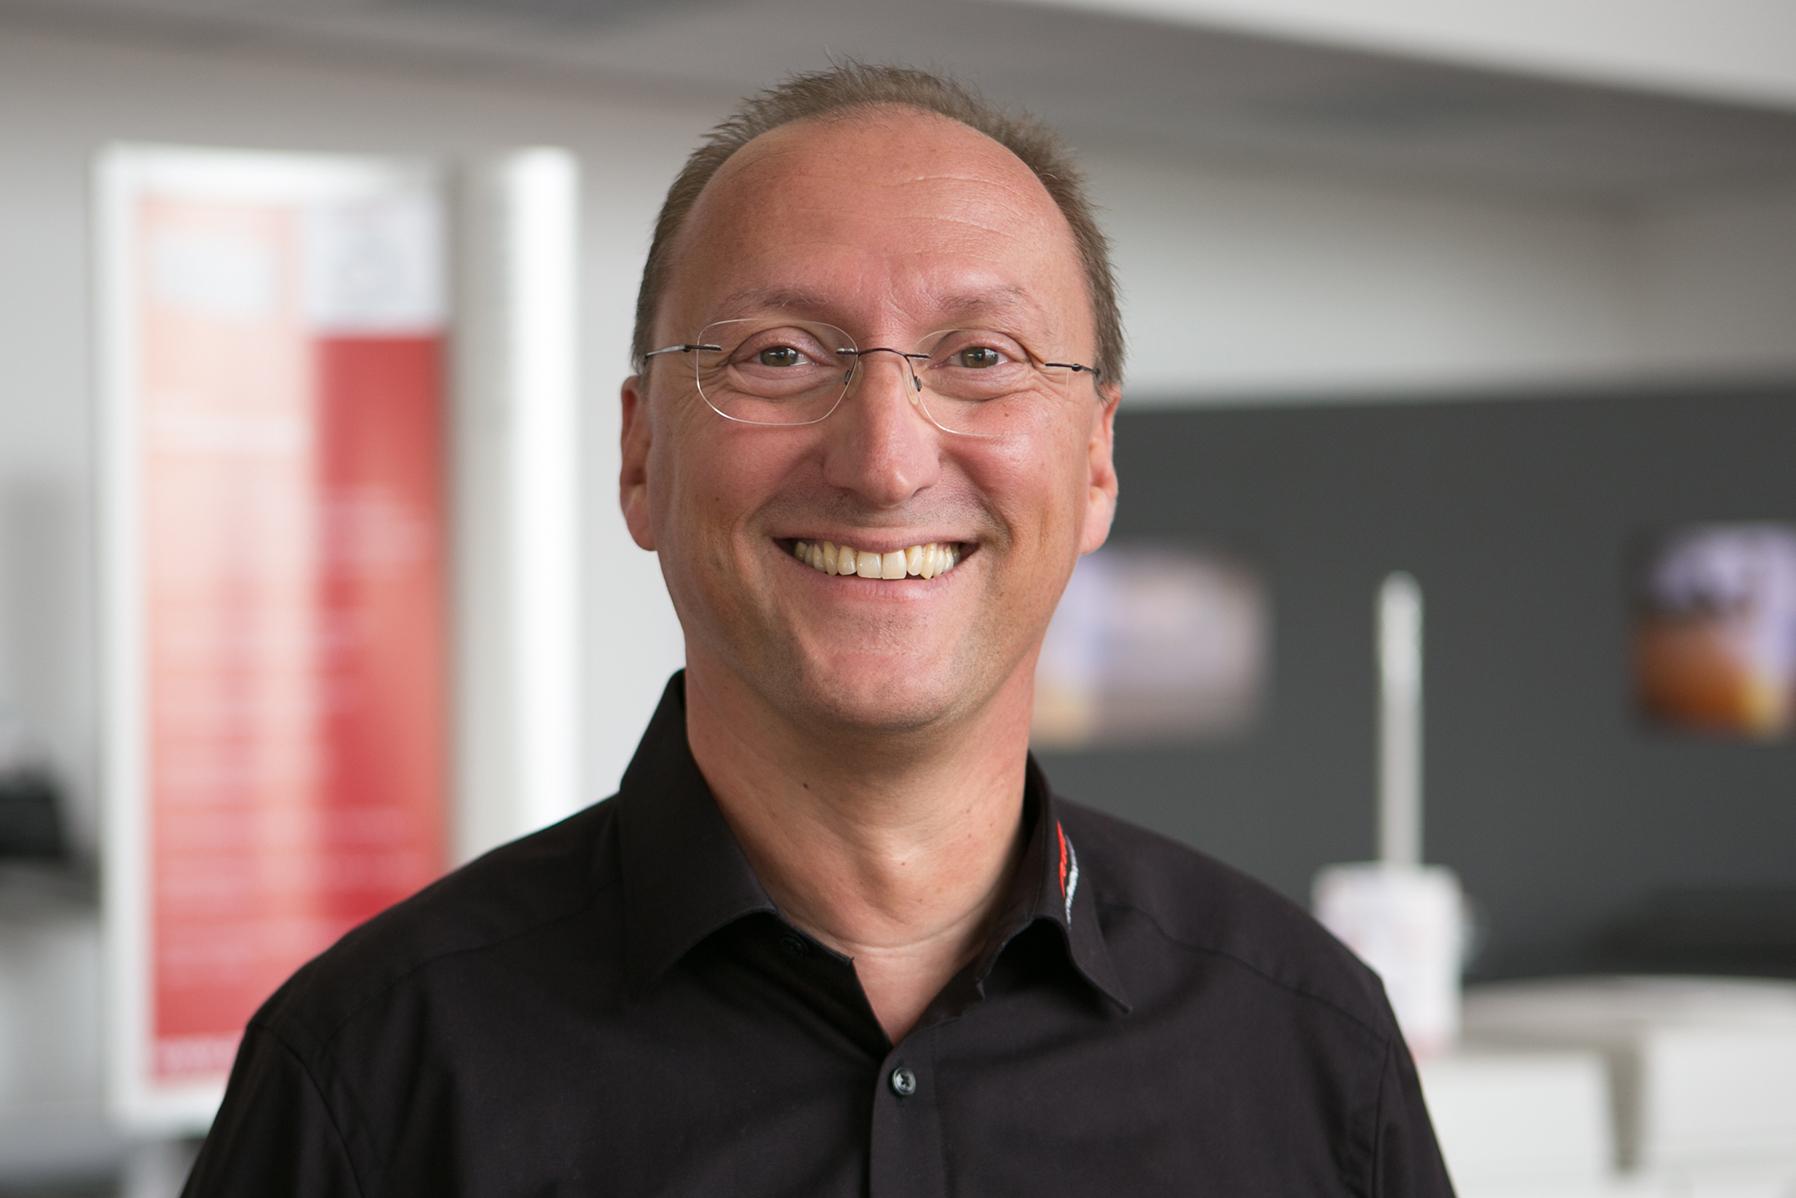 Thomas Ihrig